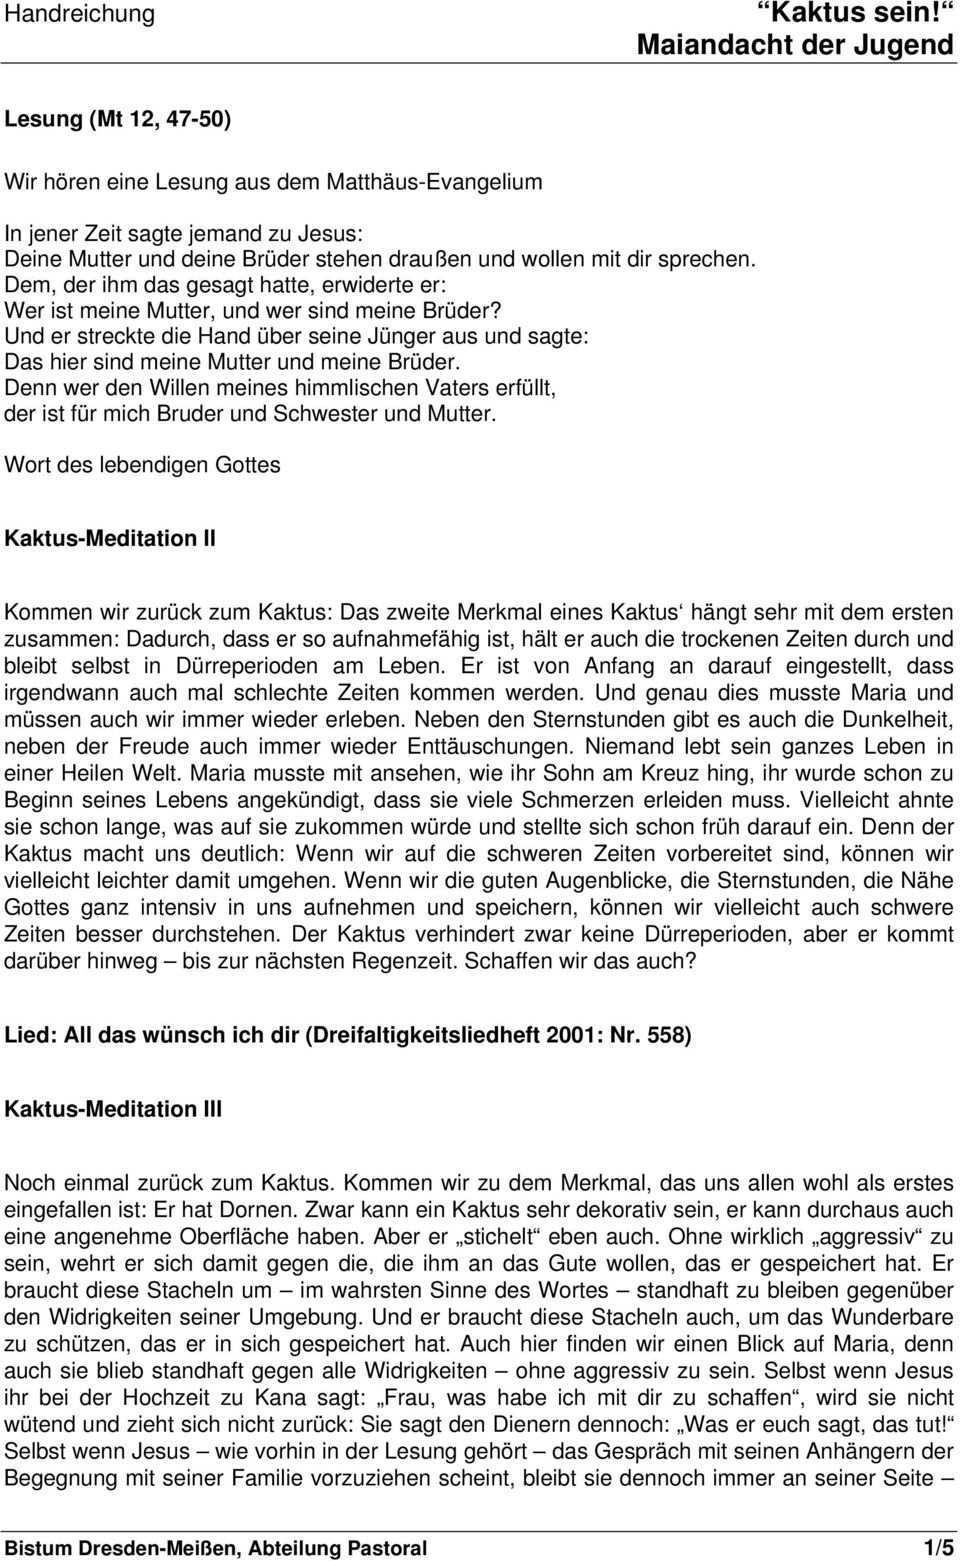 Kaktus Sein Ideen Fur Eine Maiandacht Der Jugend Pdf Free Download